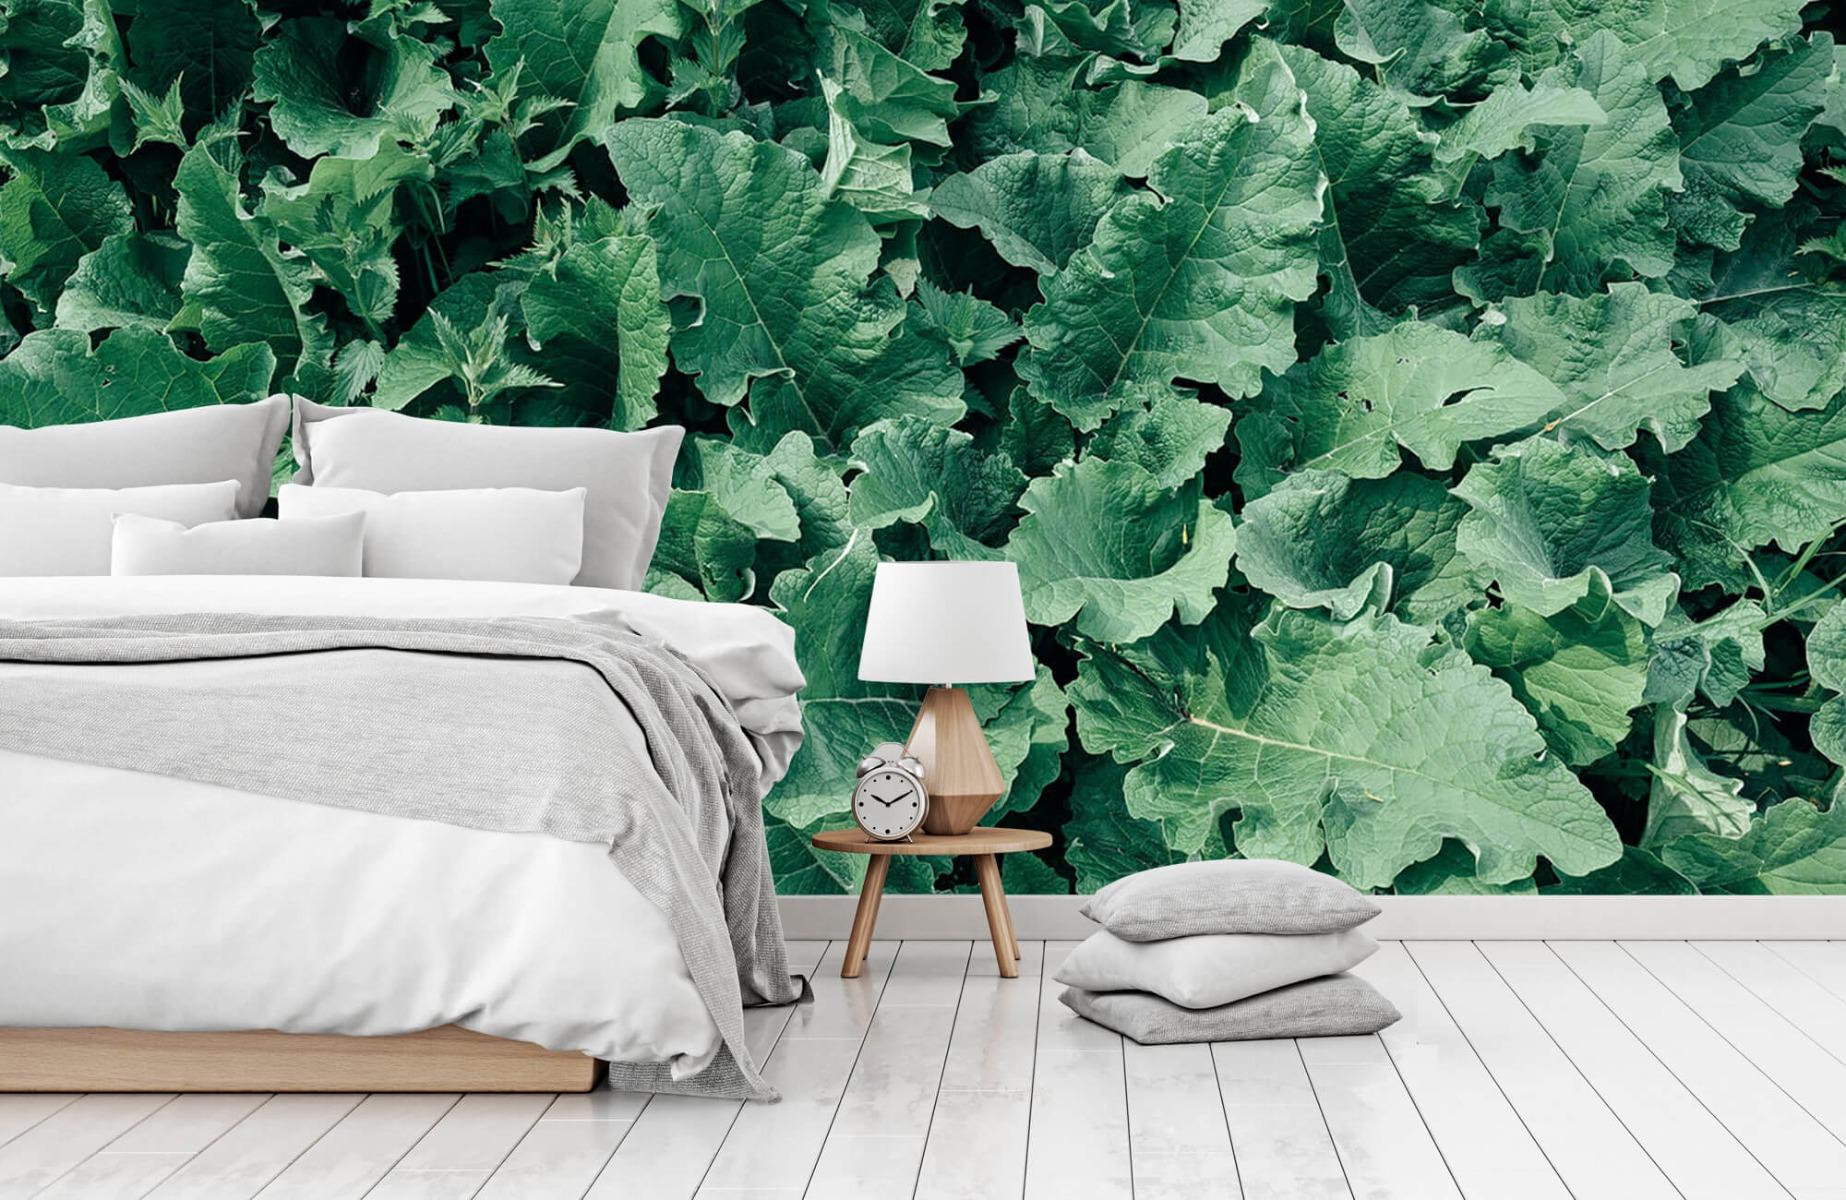 Bladeren - Gedetailleerd groen bladerdek - Wallexclusive - Slaapkamer 14